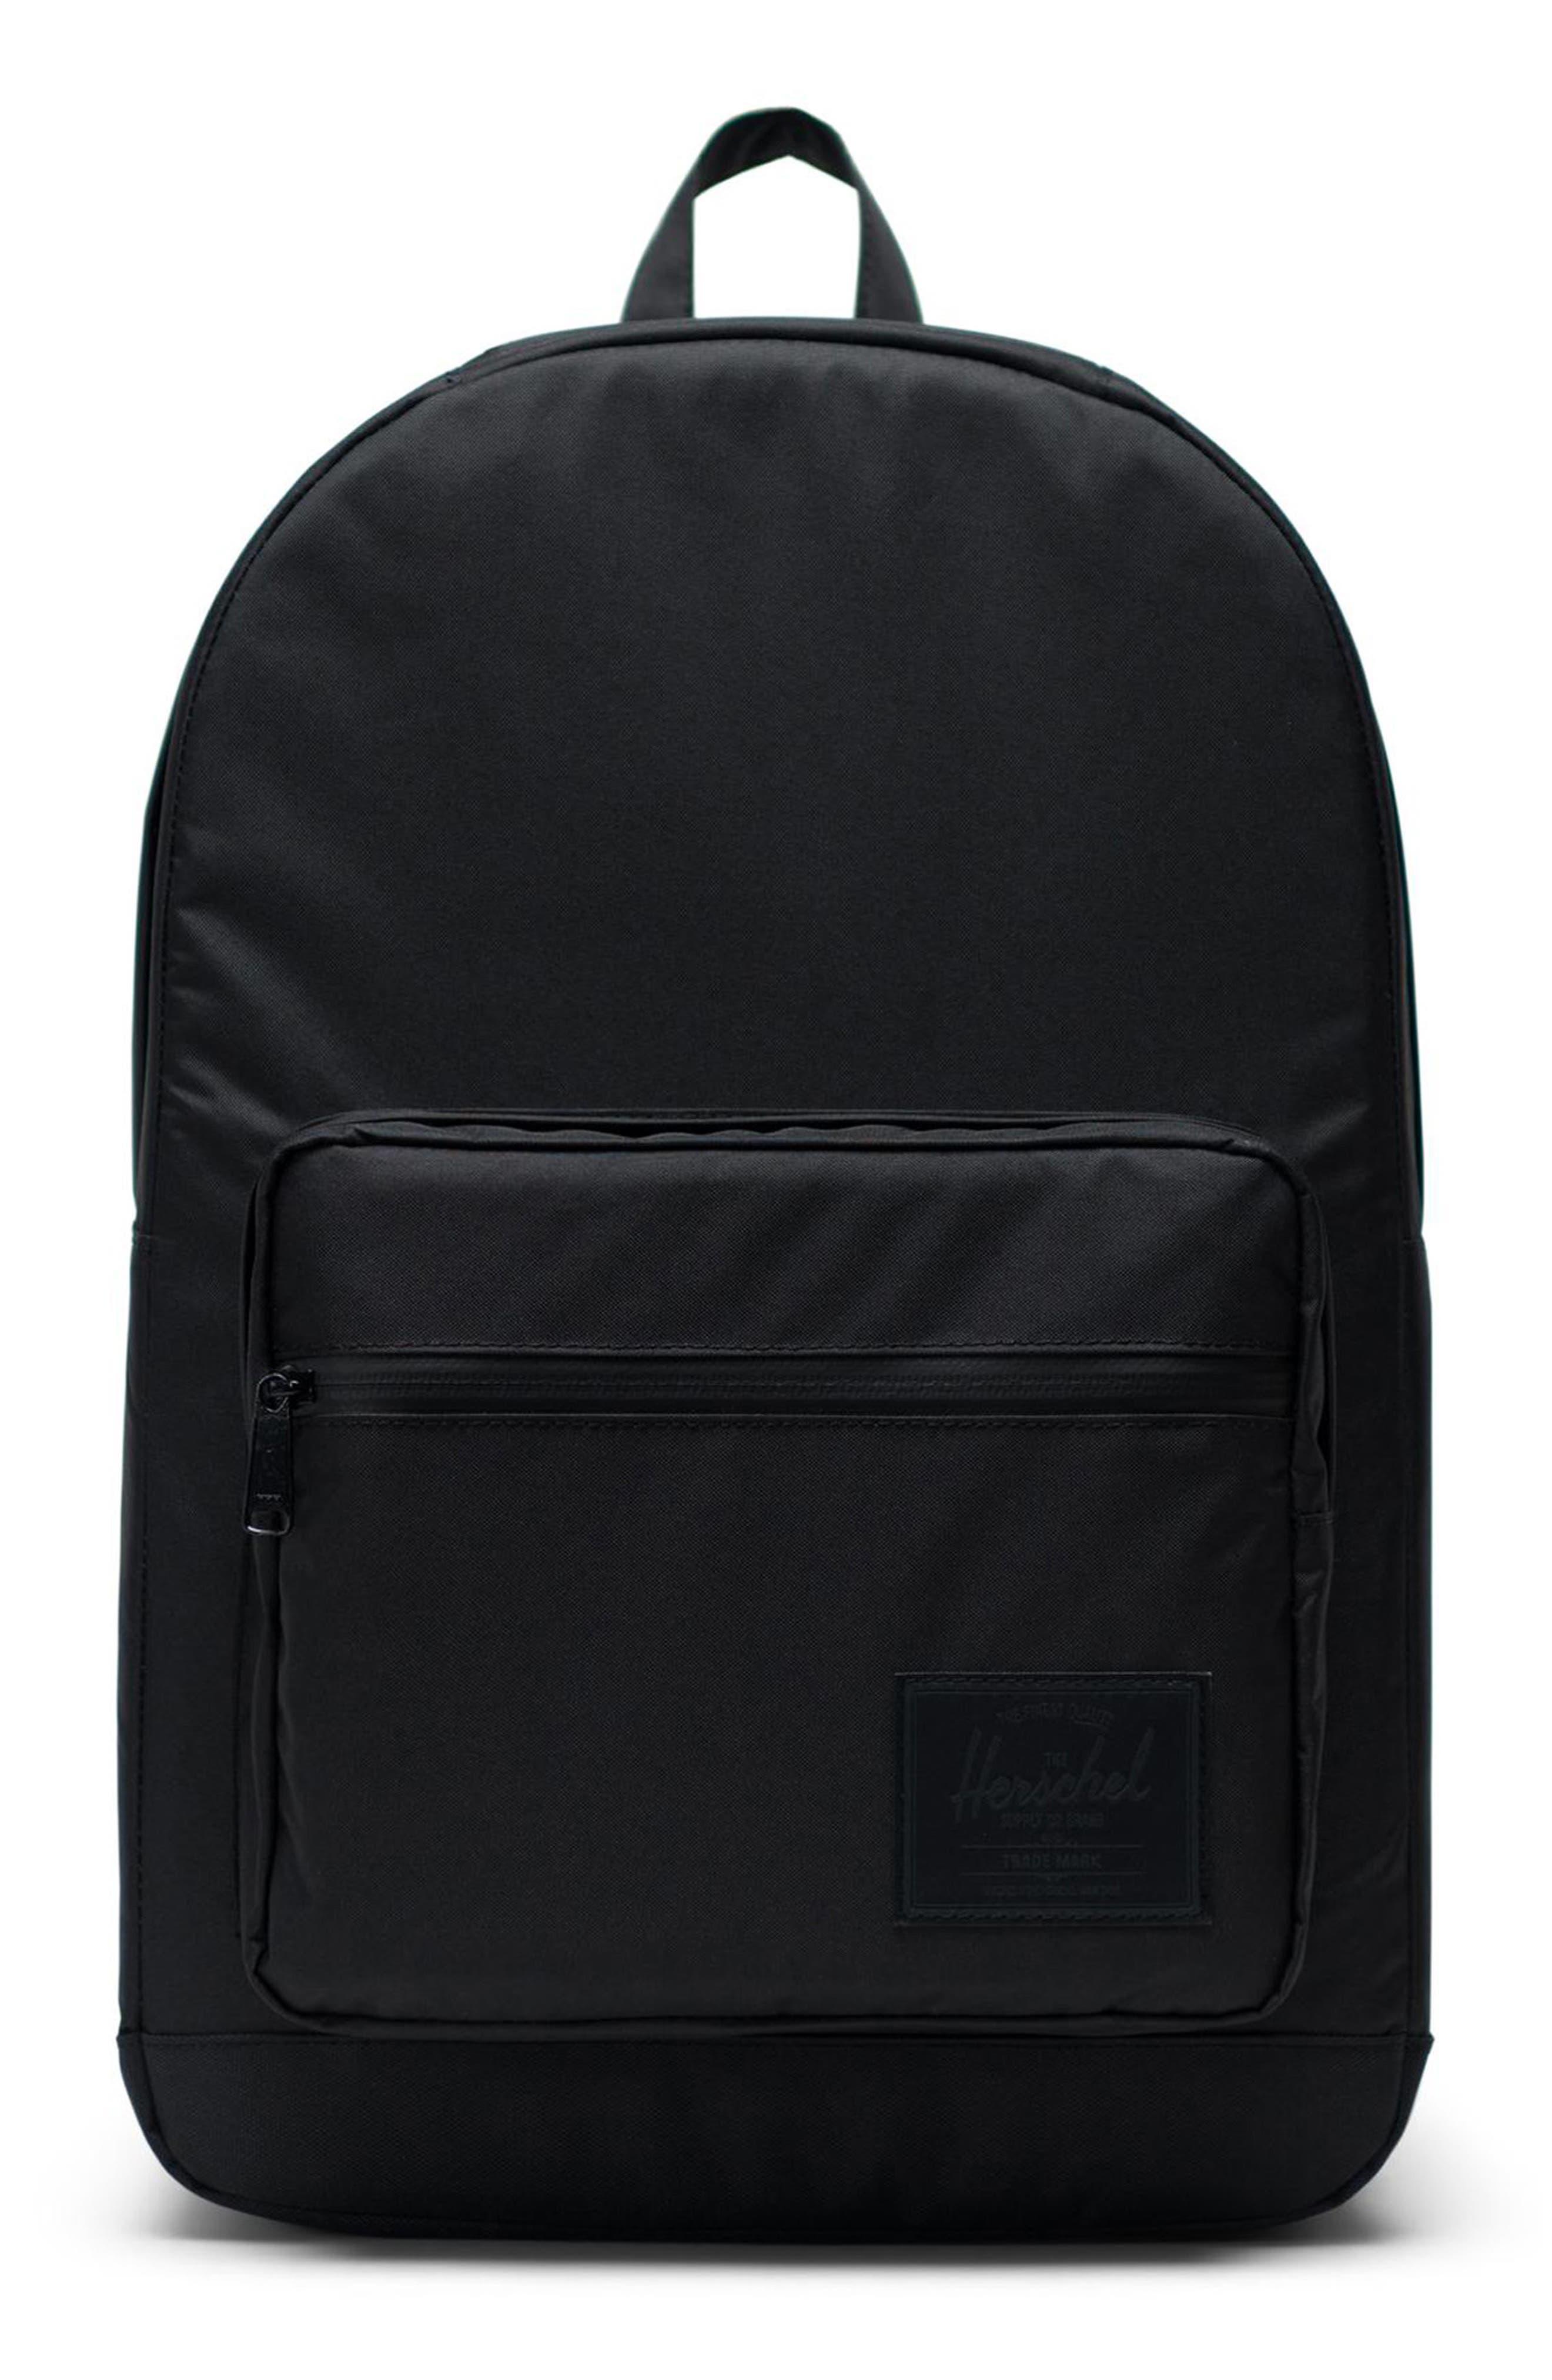 Herschel Supply Co. Pop Quiz Light Backpack - Black